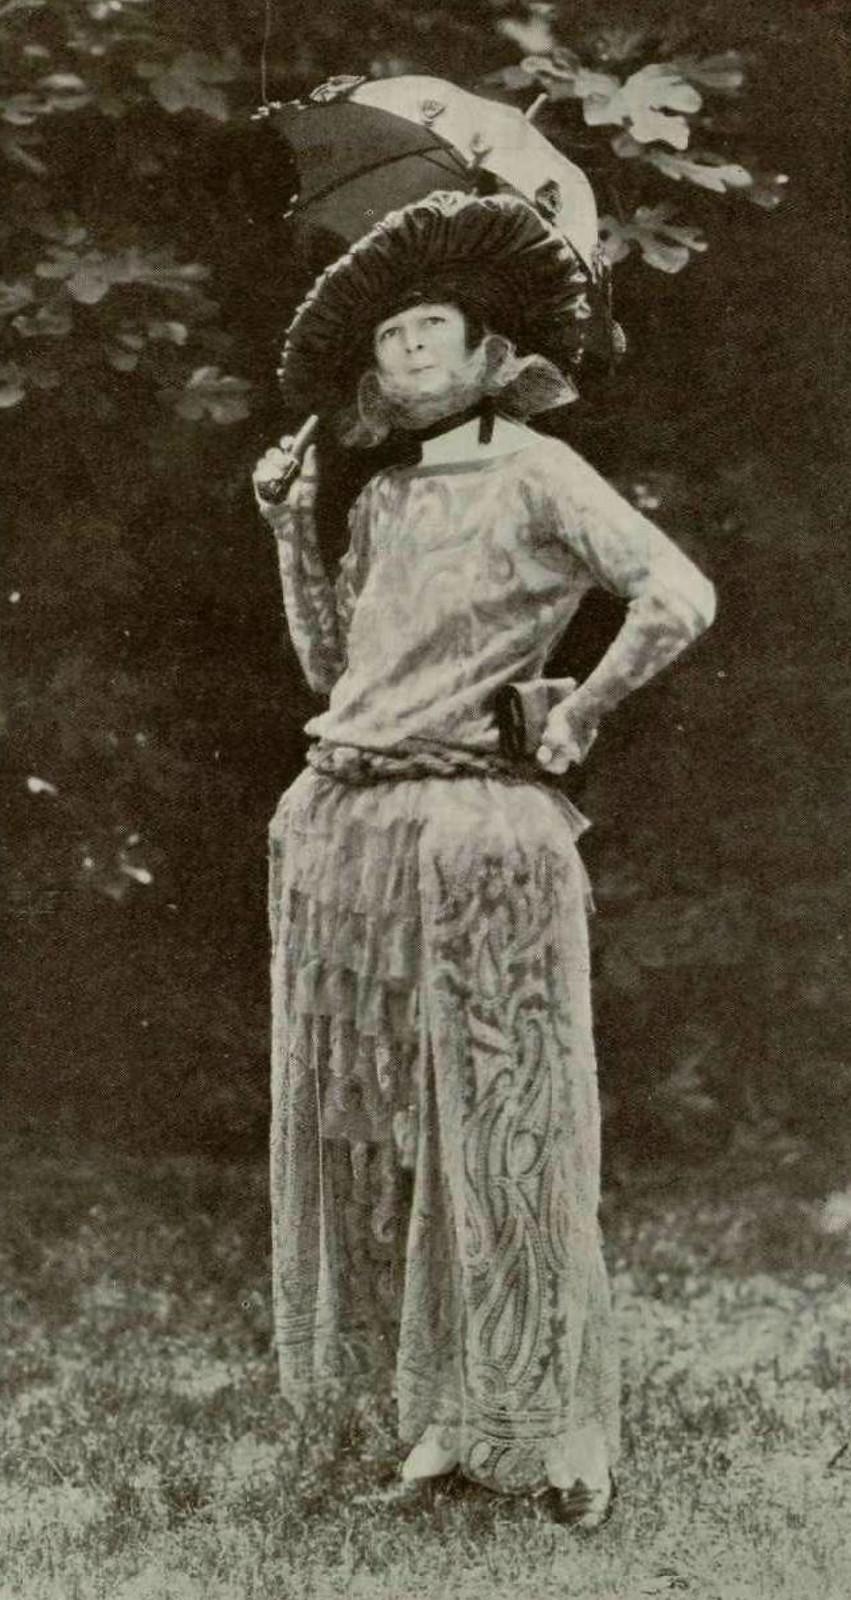 Rode de style, 1923